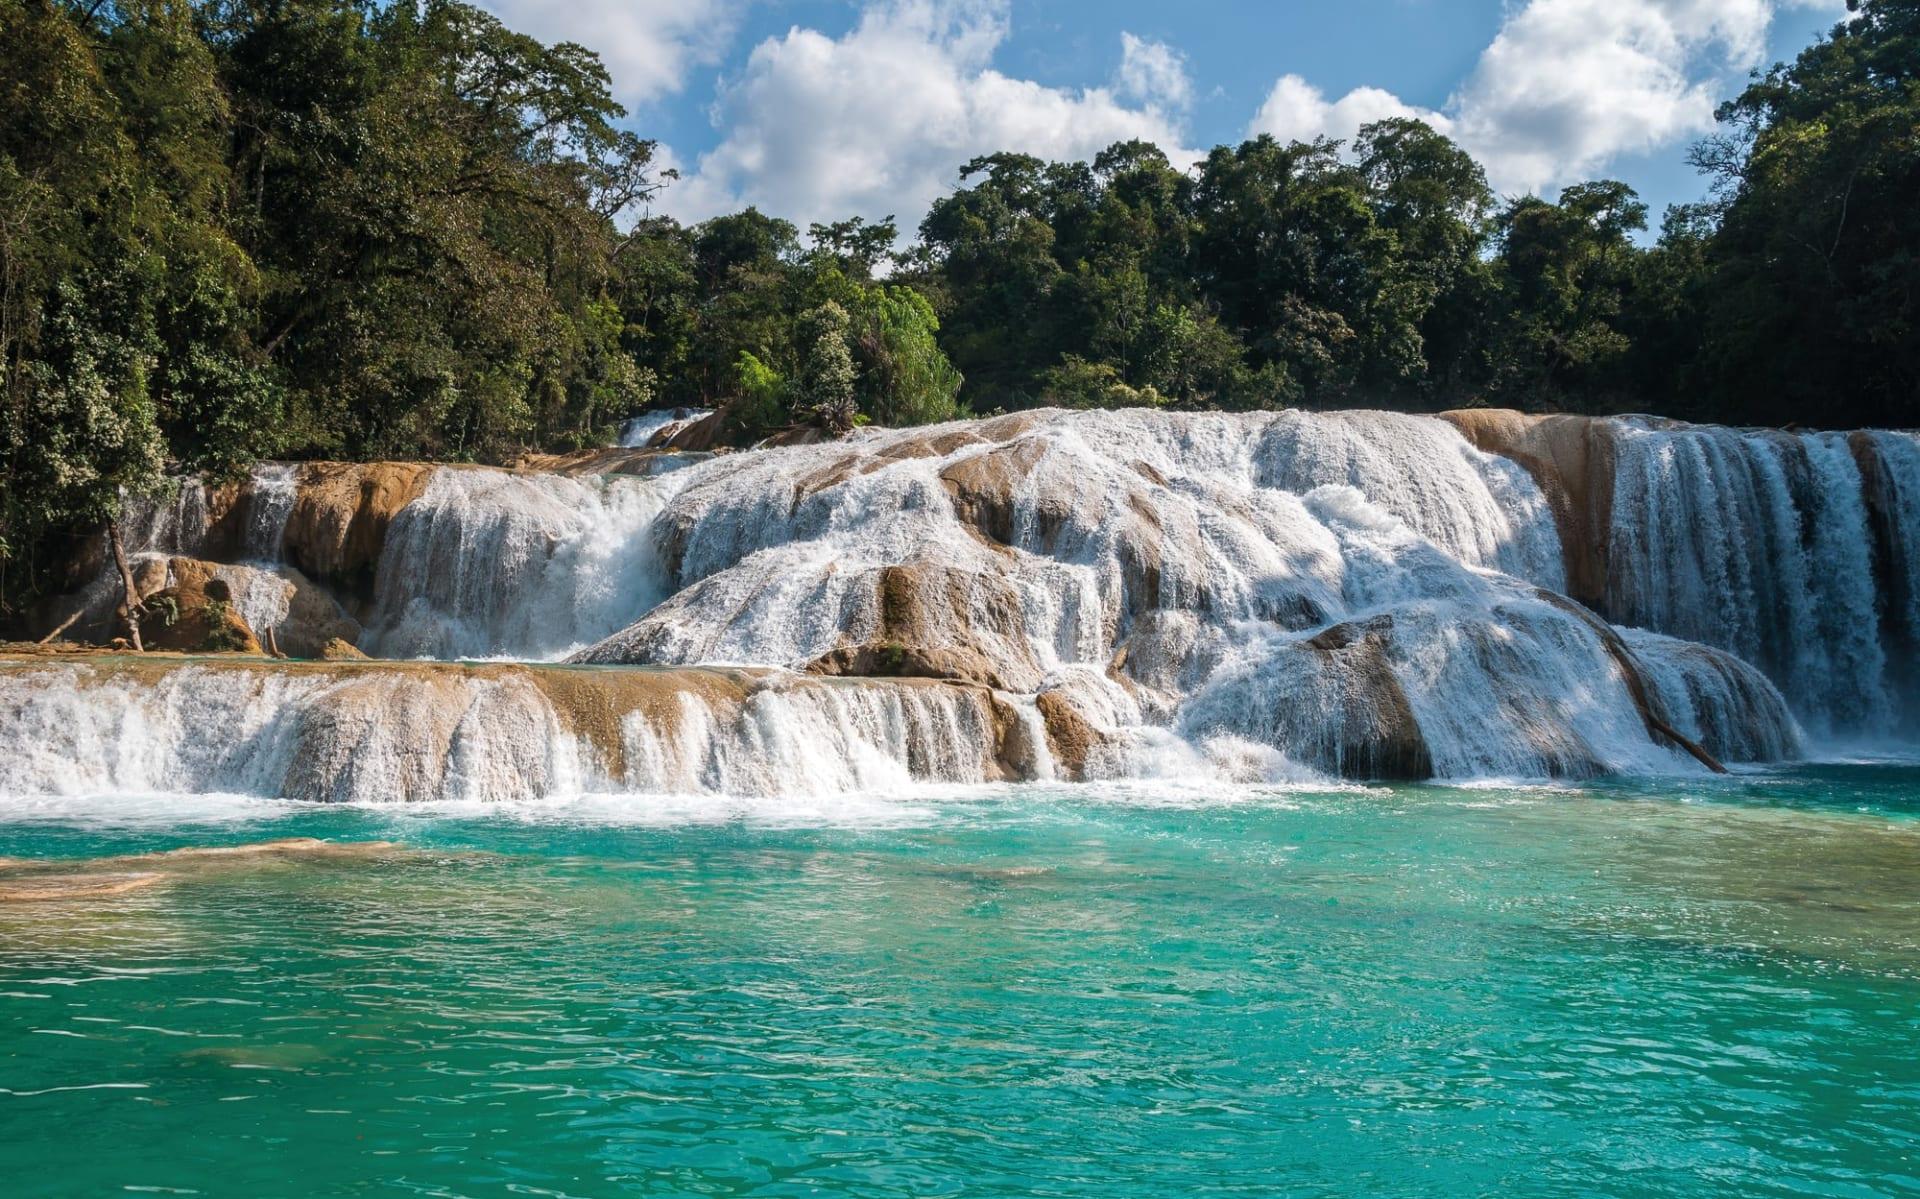 Privatreise Höhepunkte Yucatán ab Cancun: Mexico - Chiapas - Agua Azul Wasserfall